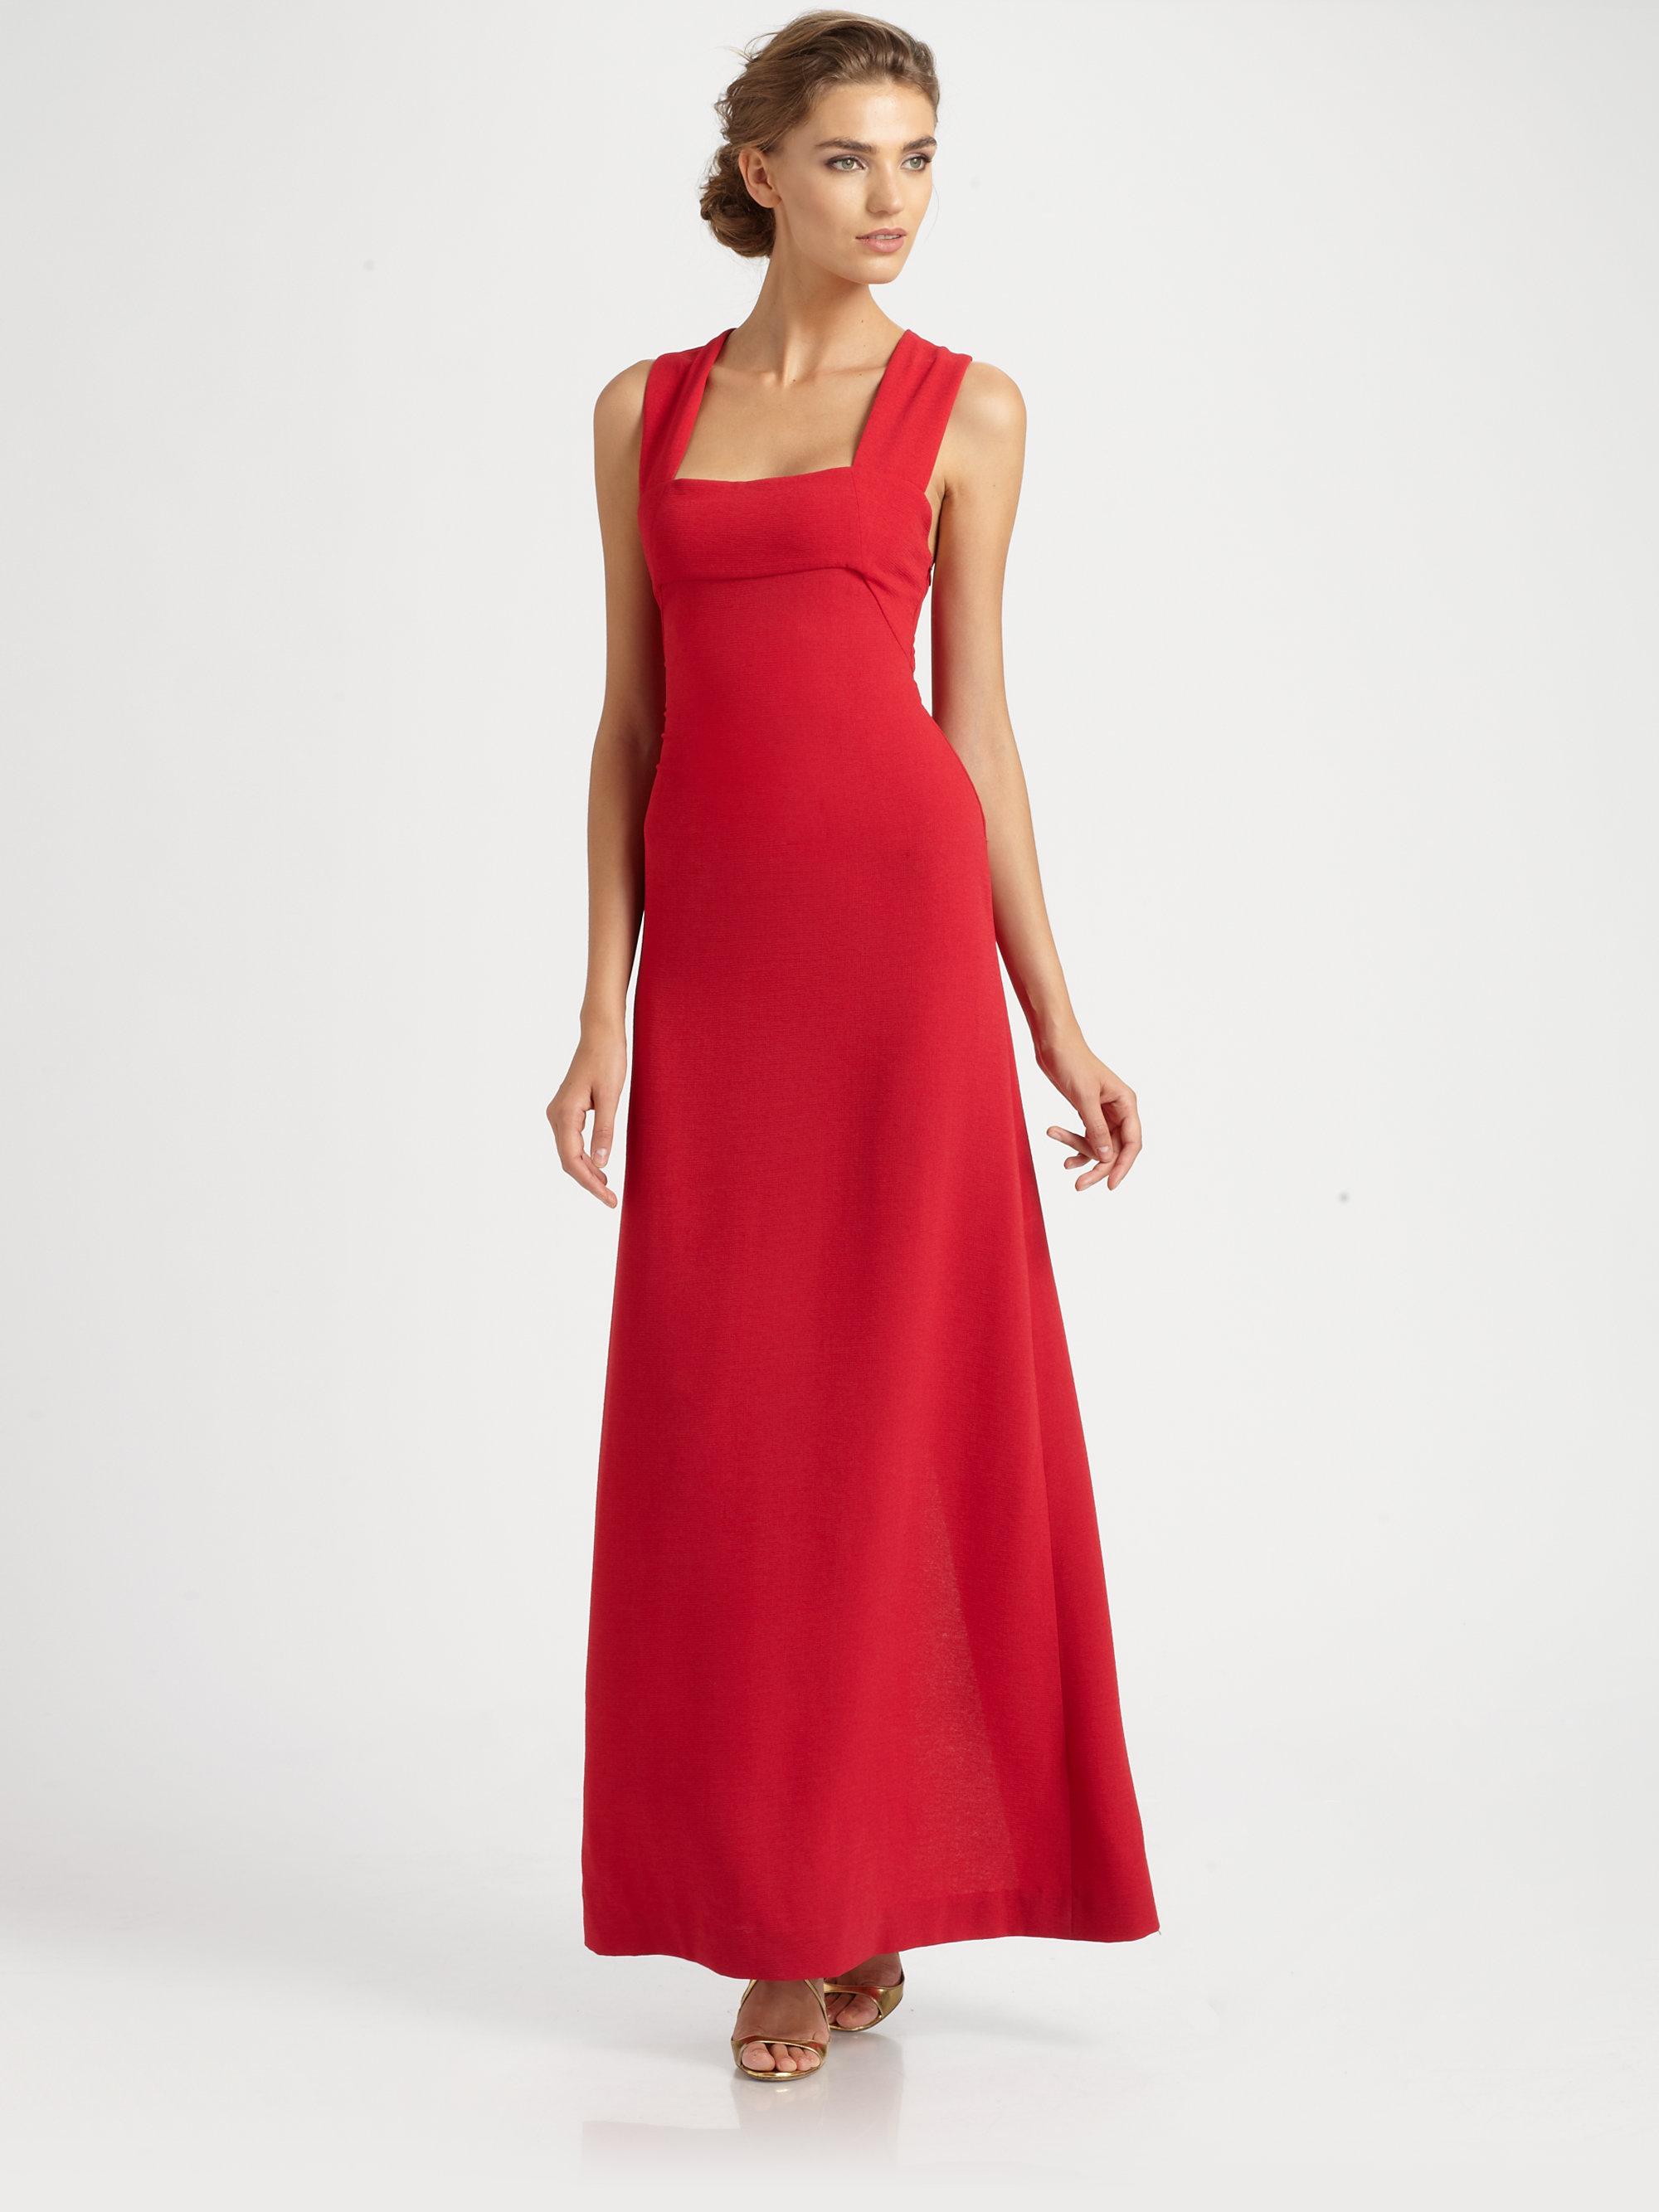 Lyst - Bcbgmaxazria Agata Gown in Red